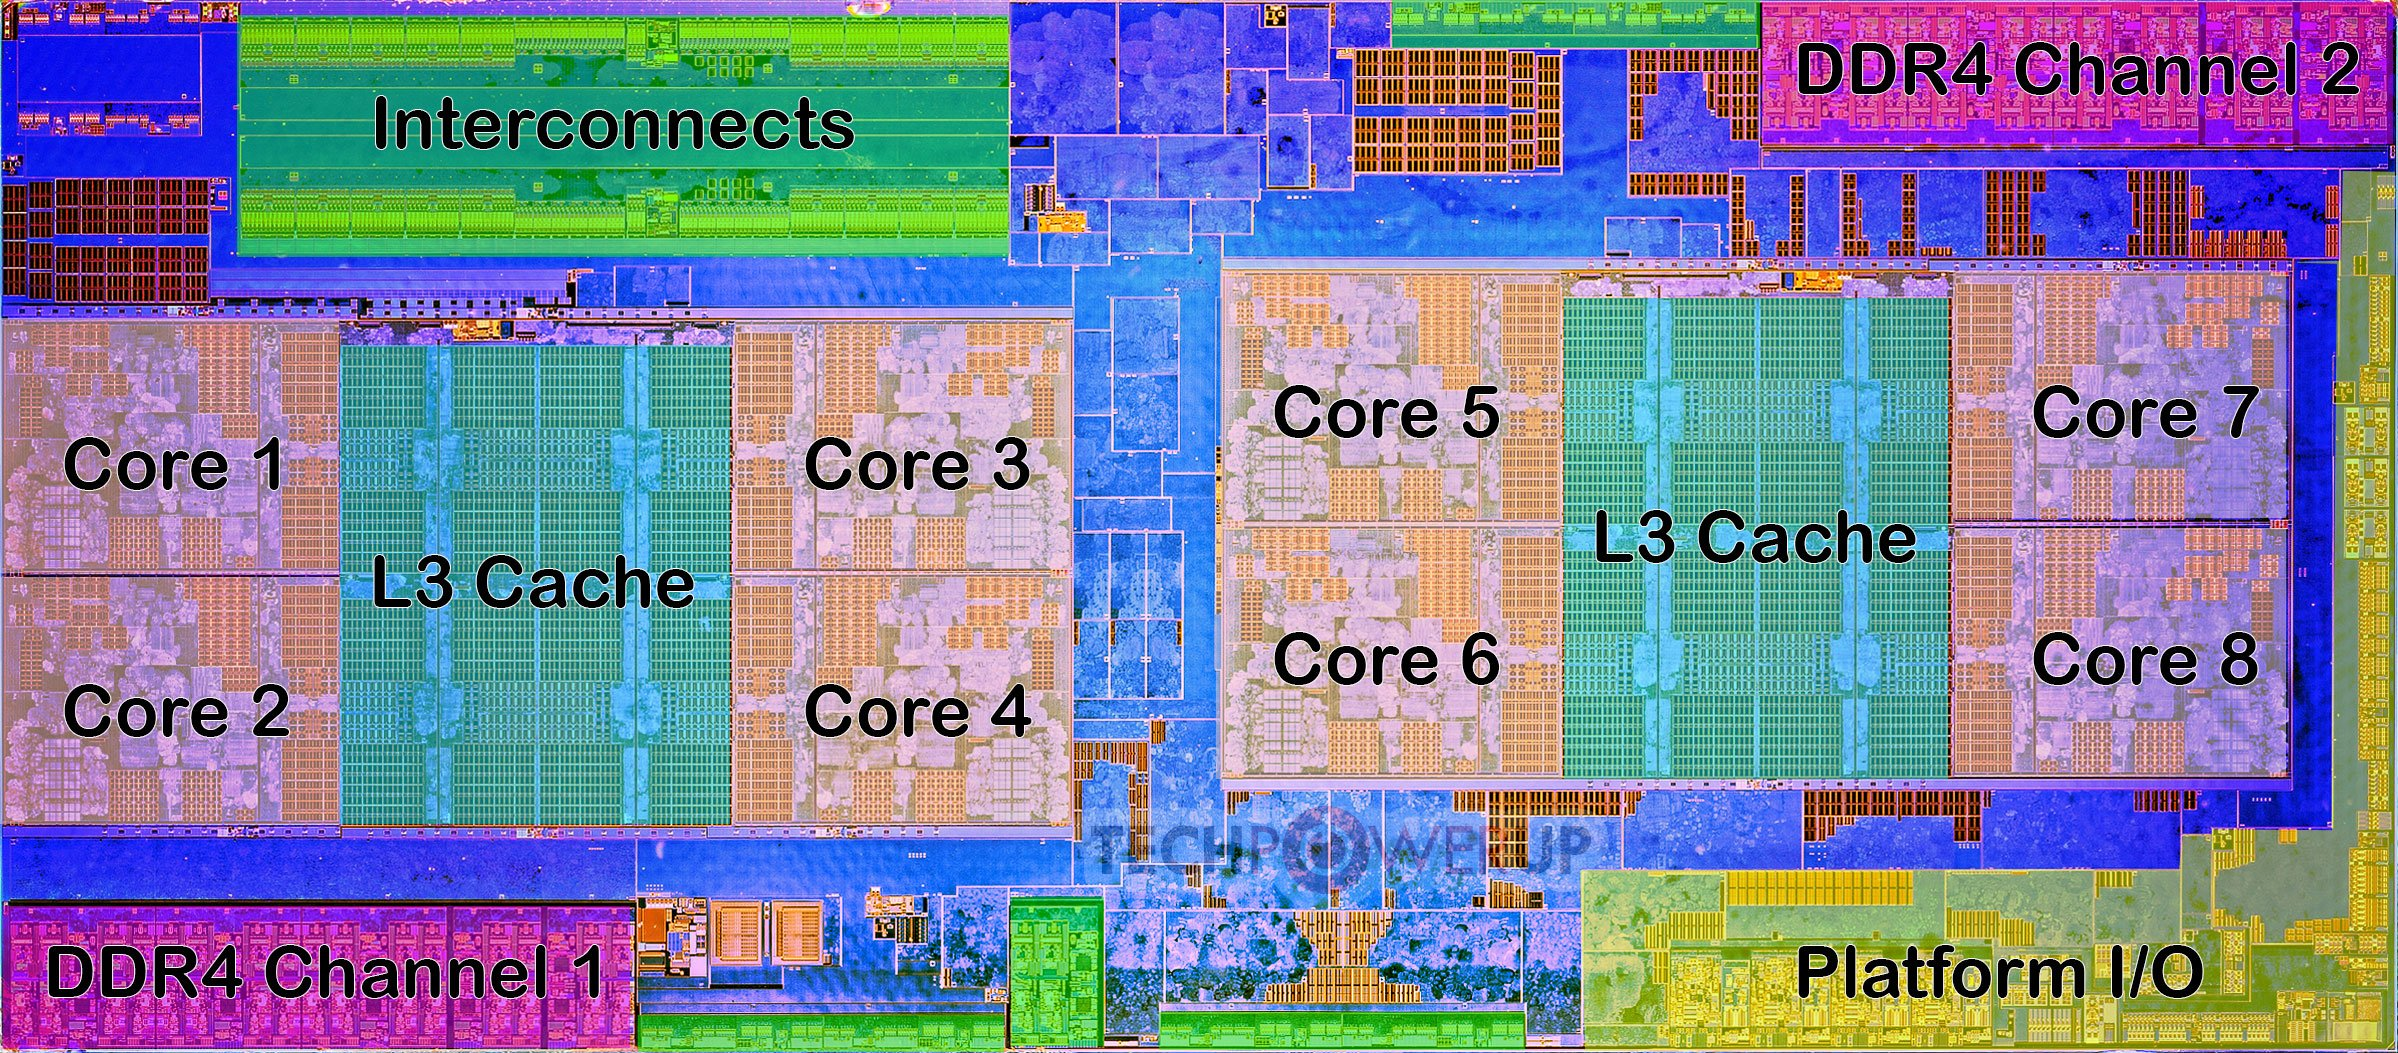 ทดสอบ AMD Ryzen 7 รู้ทุกอย่างแบบรวบรัด ซีพียูความหวังใหม่จาก AMD